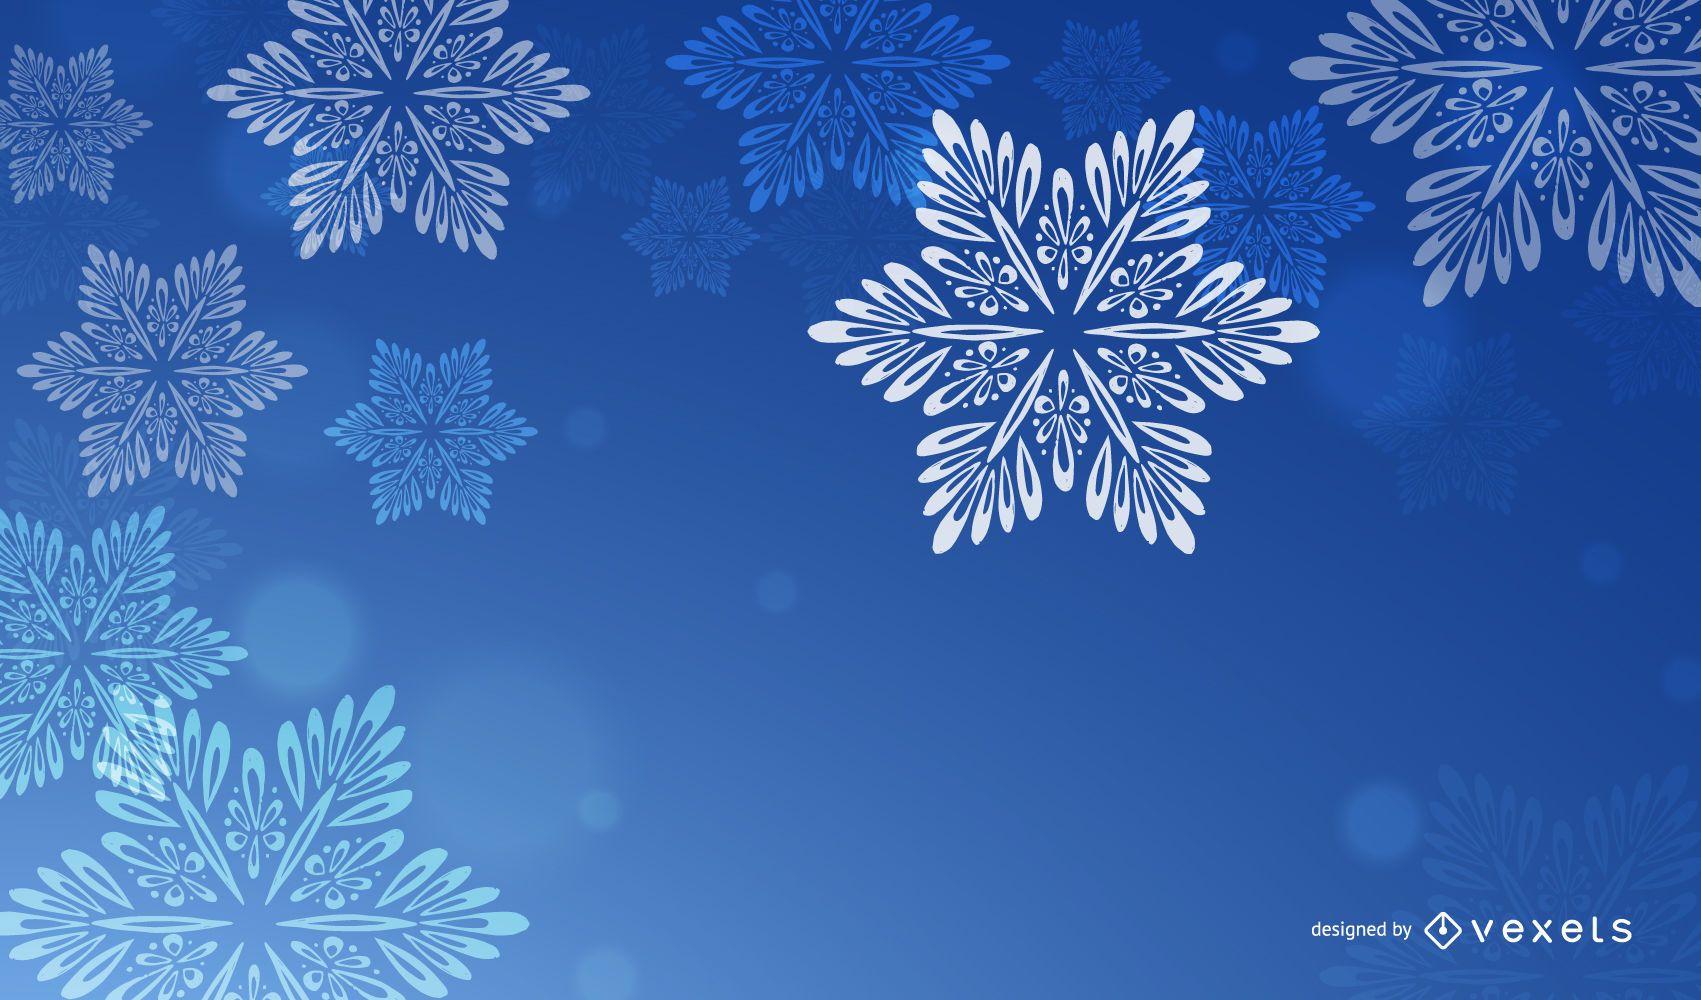 Fondo de Navidad azul con copos de nieve blancos